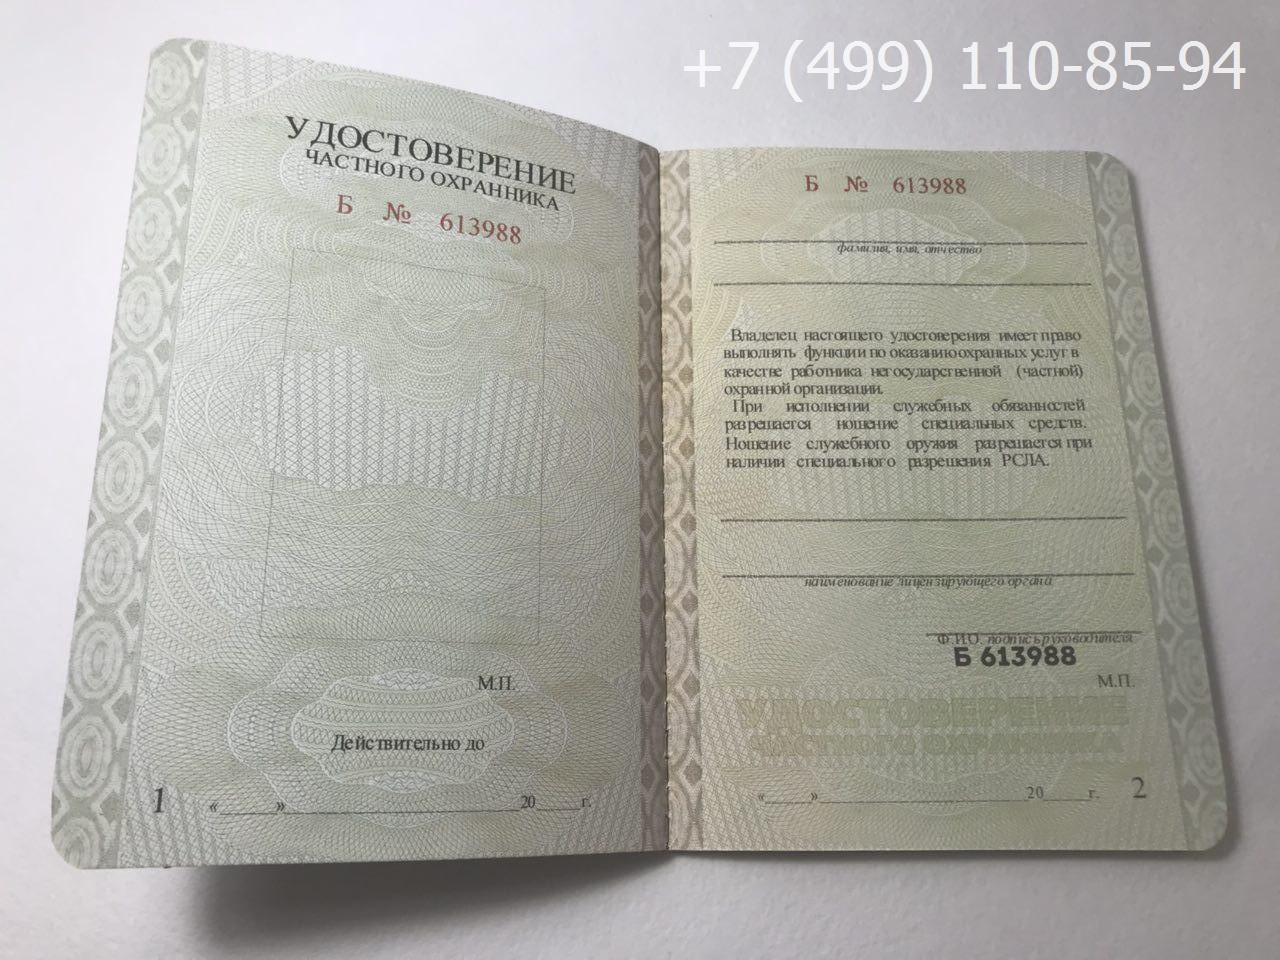 Лицензия охранника: зачем она нужна, на какой срок выдается и как подготовить документы для продления